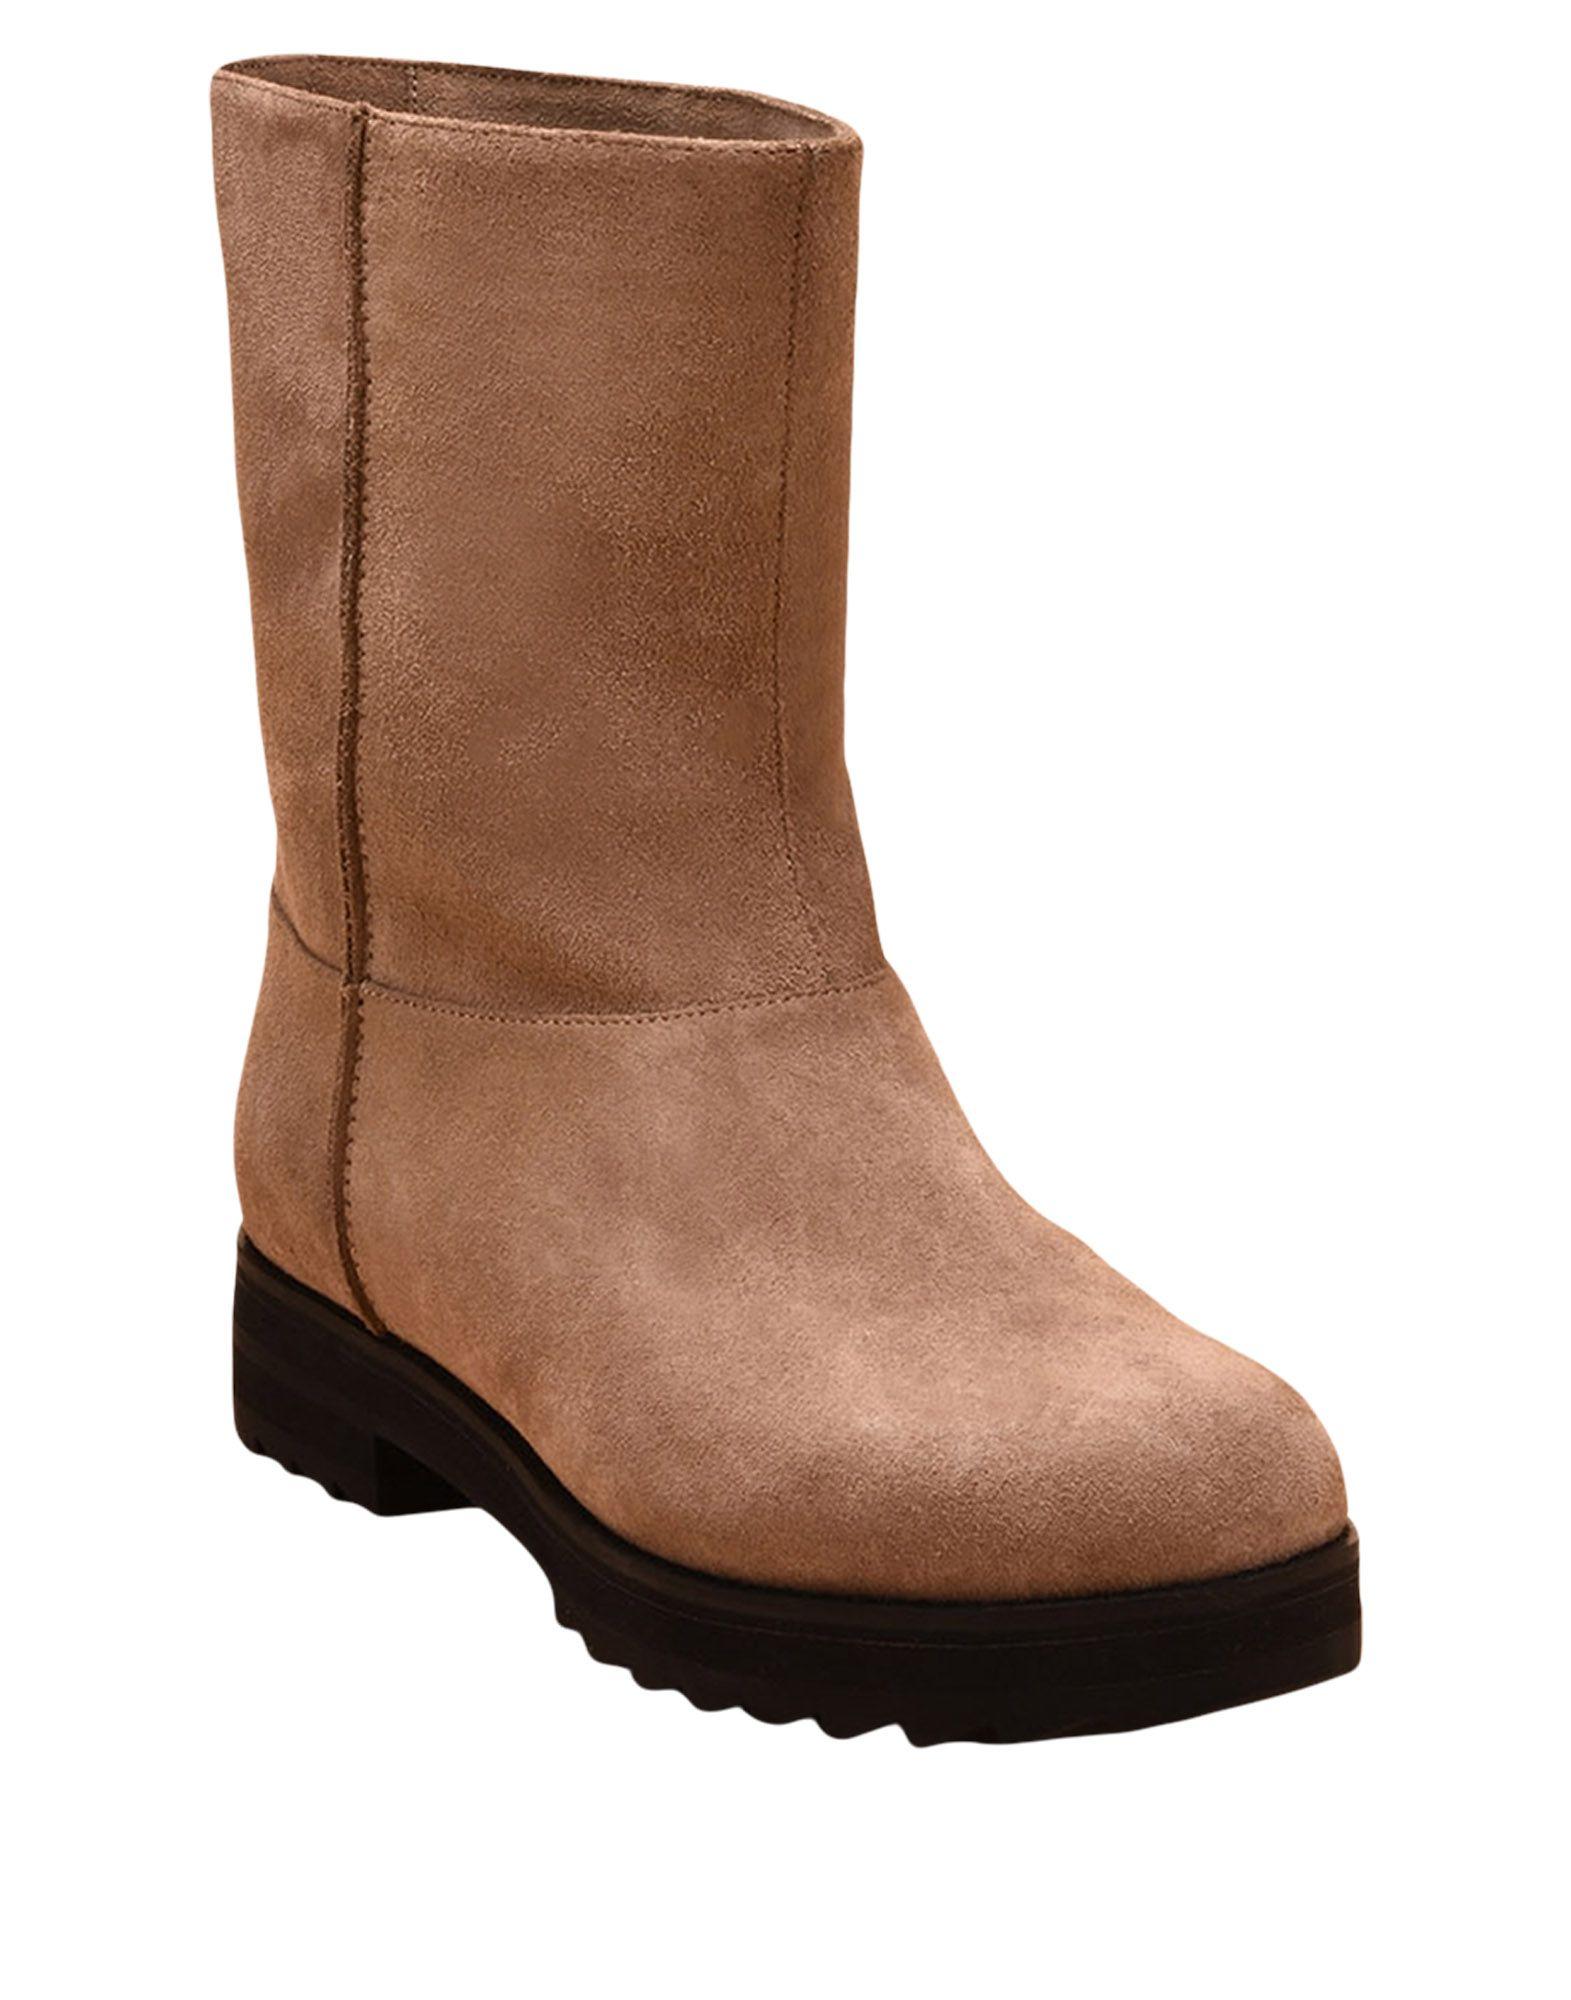 Jil Sander Navy Stiefelette Damen  11518117AOGut aussehende strapazierfähige Schuhe